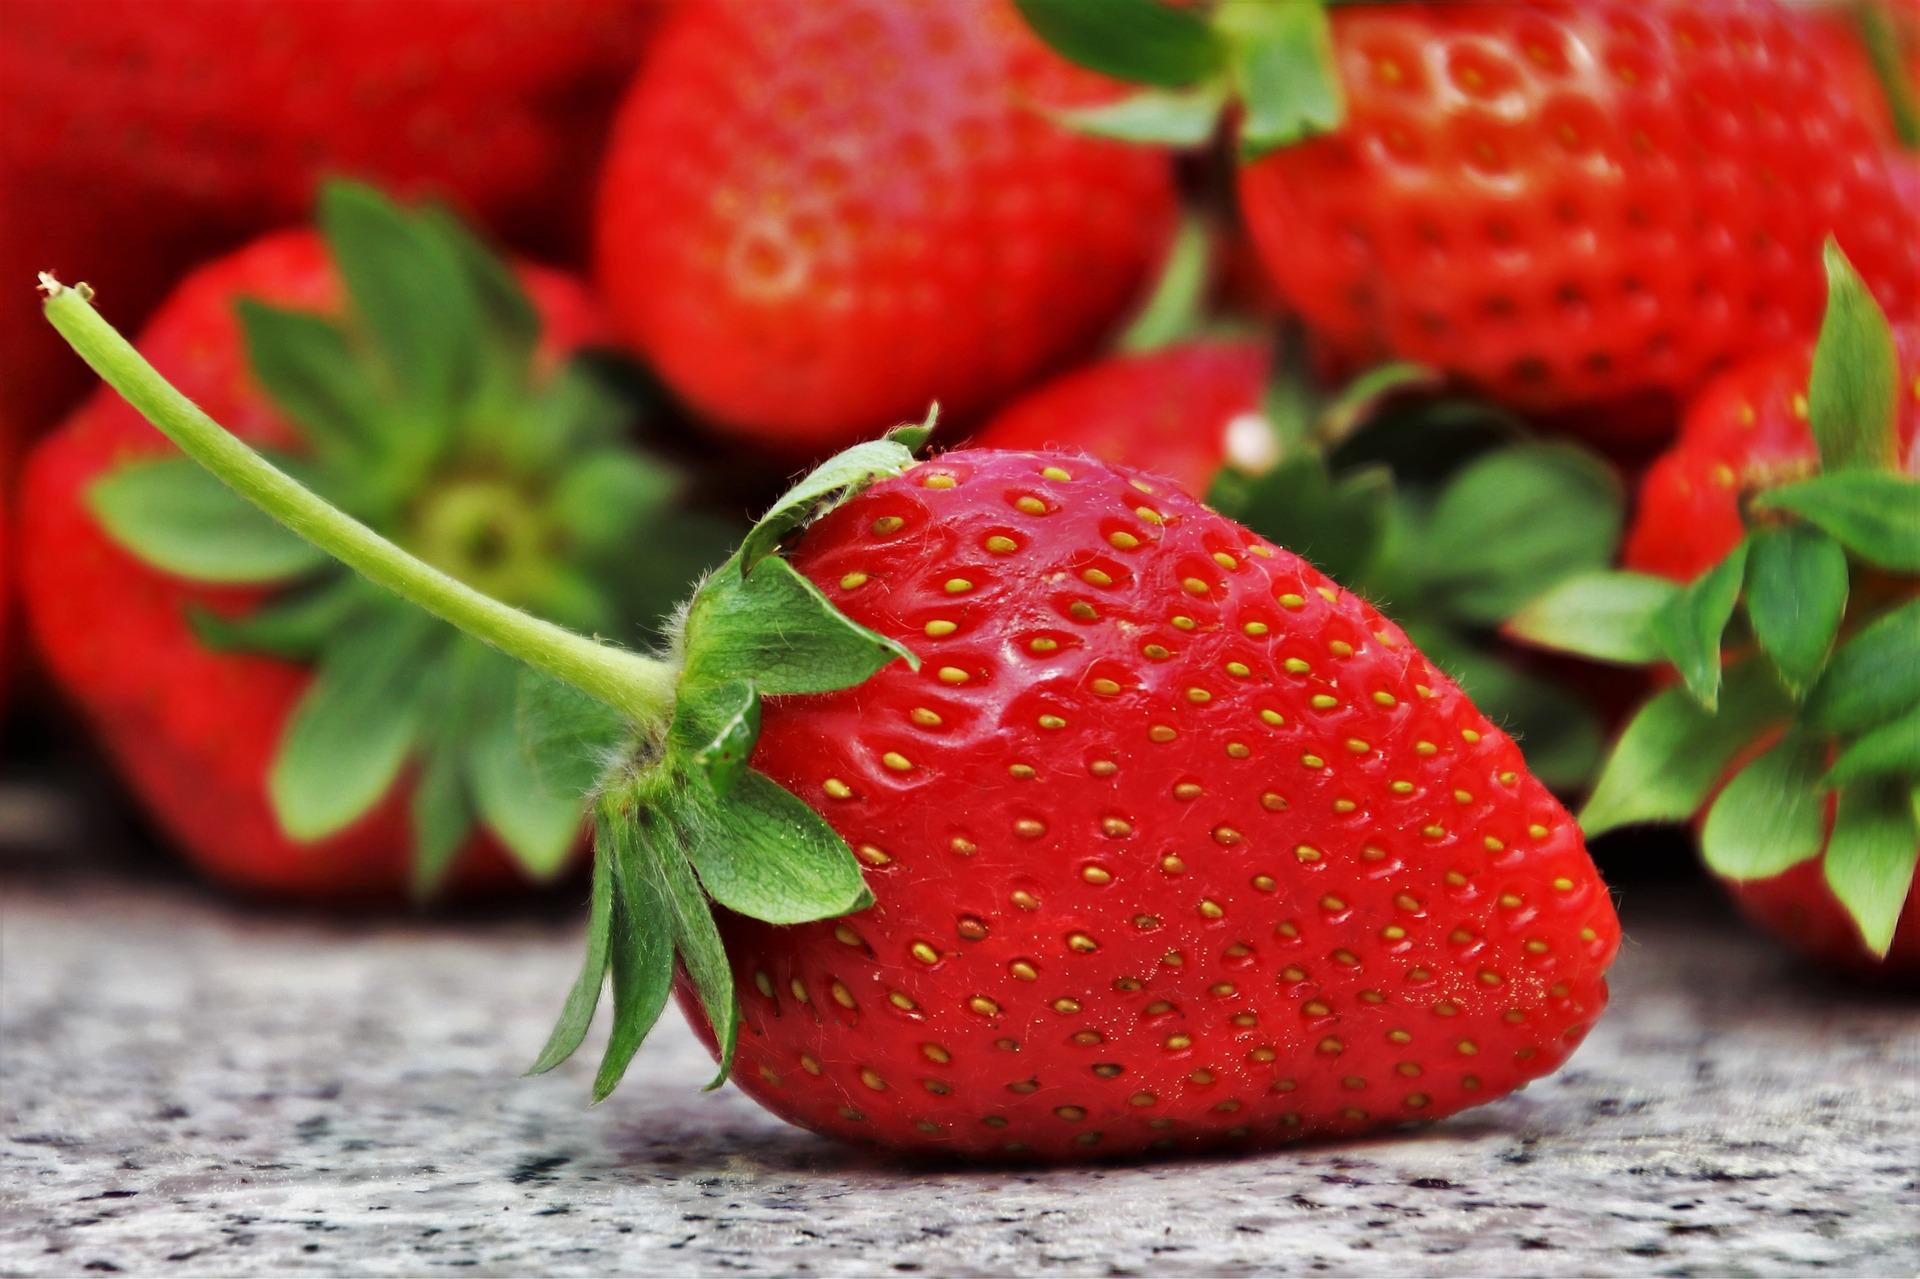 Pěstování sladkých jahod – jde to i v domácích podmínkách? 4